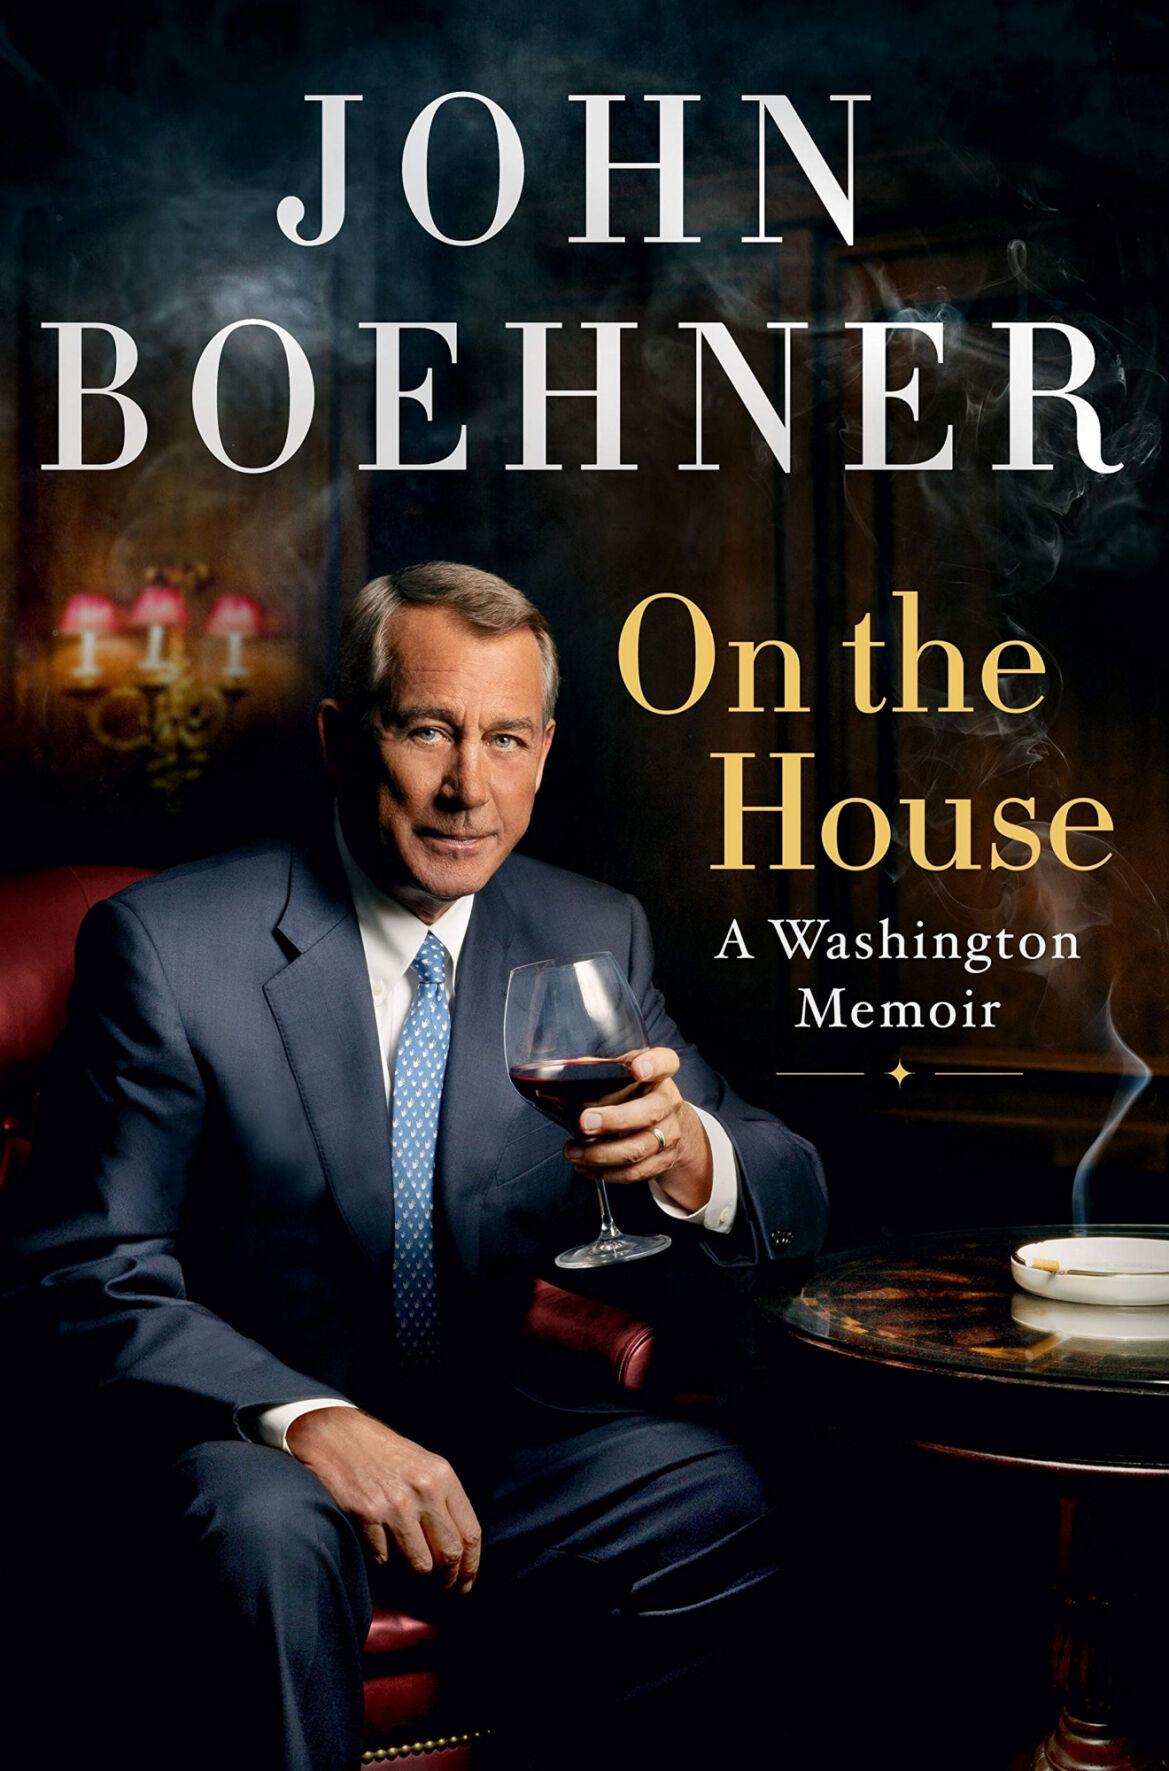 Former House speaker gets revenge in his memoir